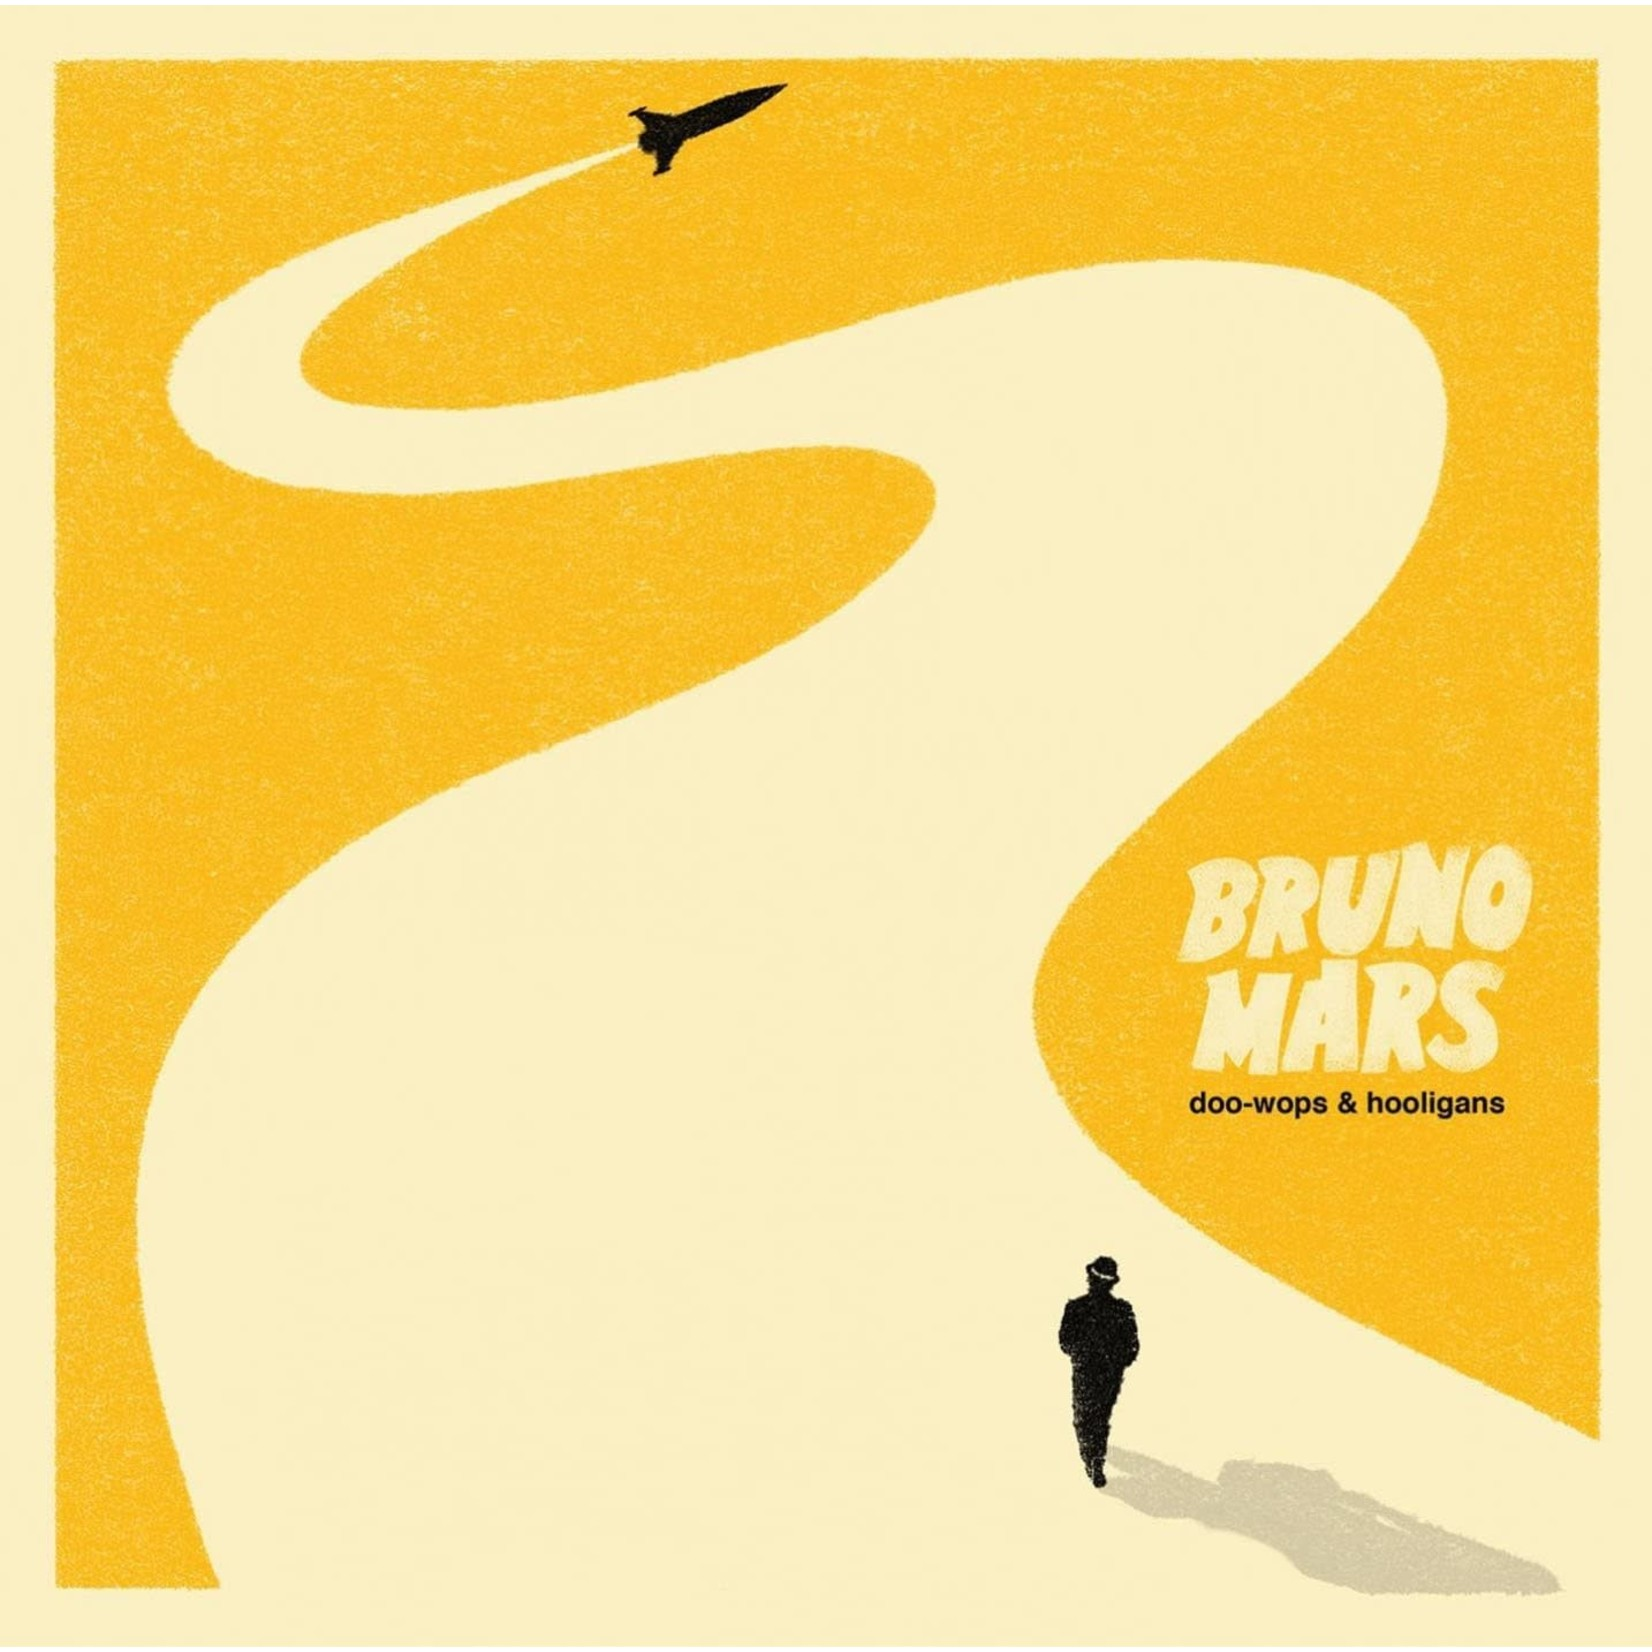 [New] Mars, Bruno: Doo-Wops & Hooligans